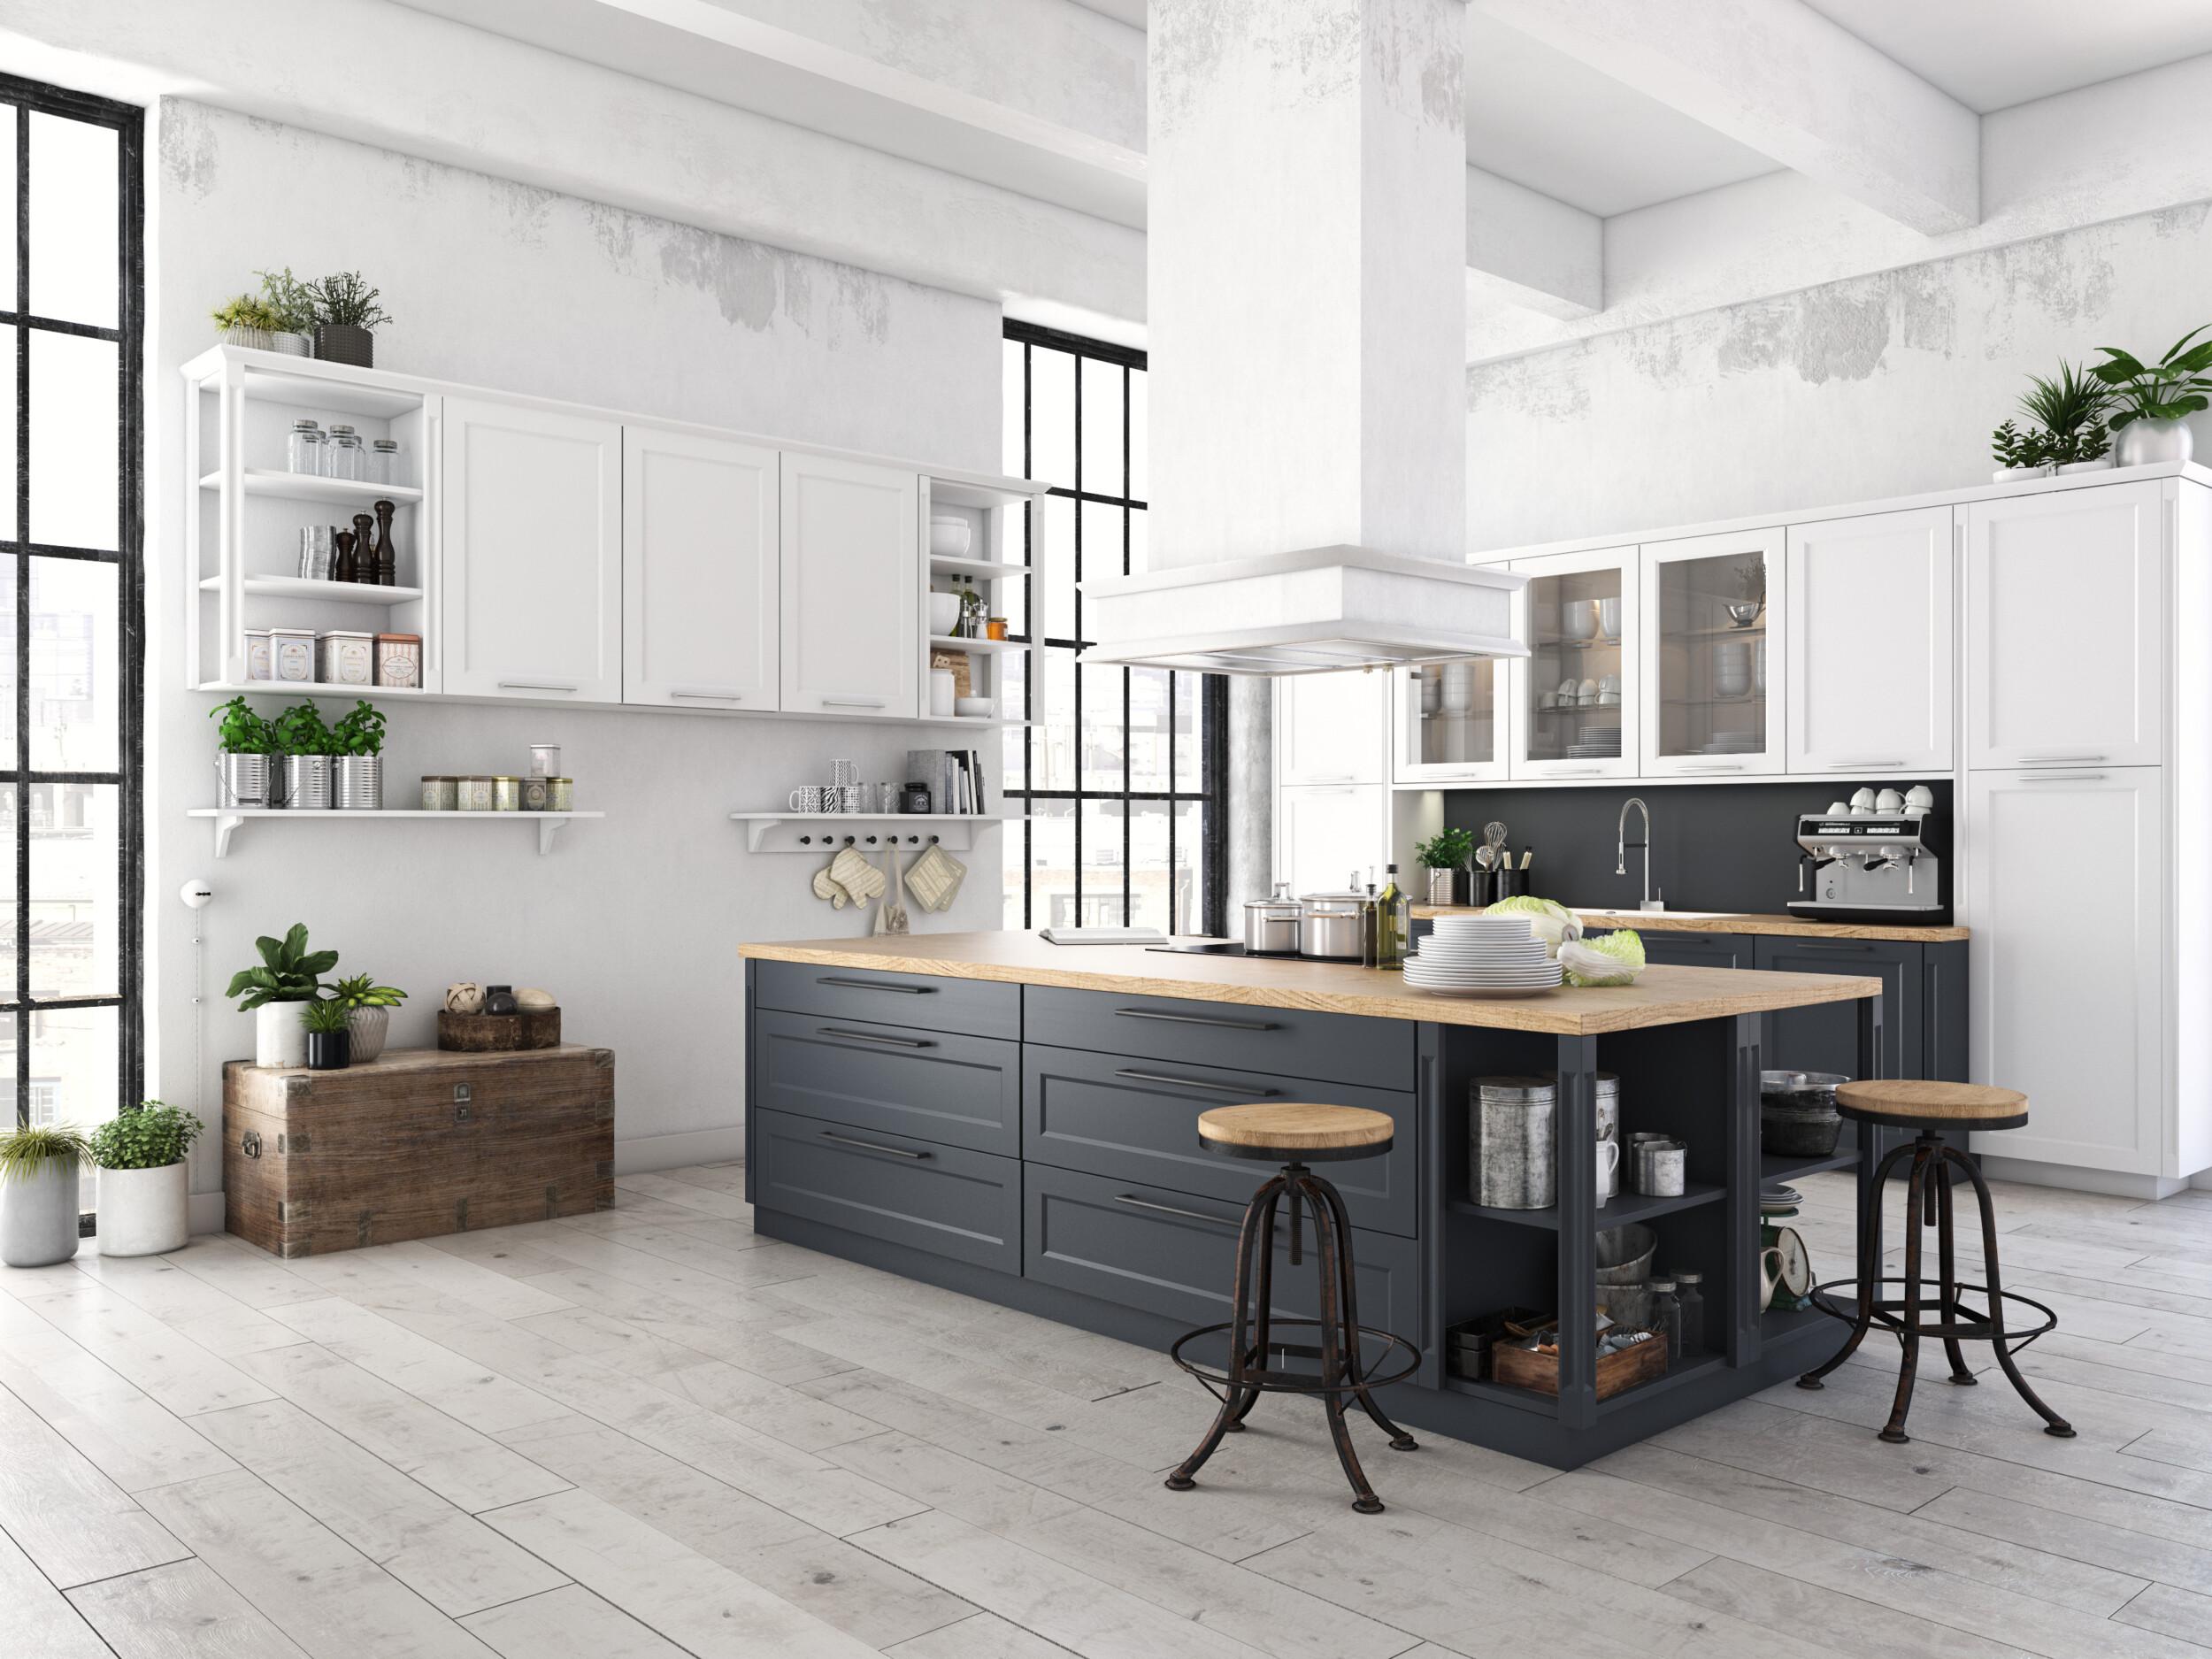 urban modern kitchen interior